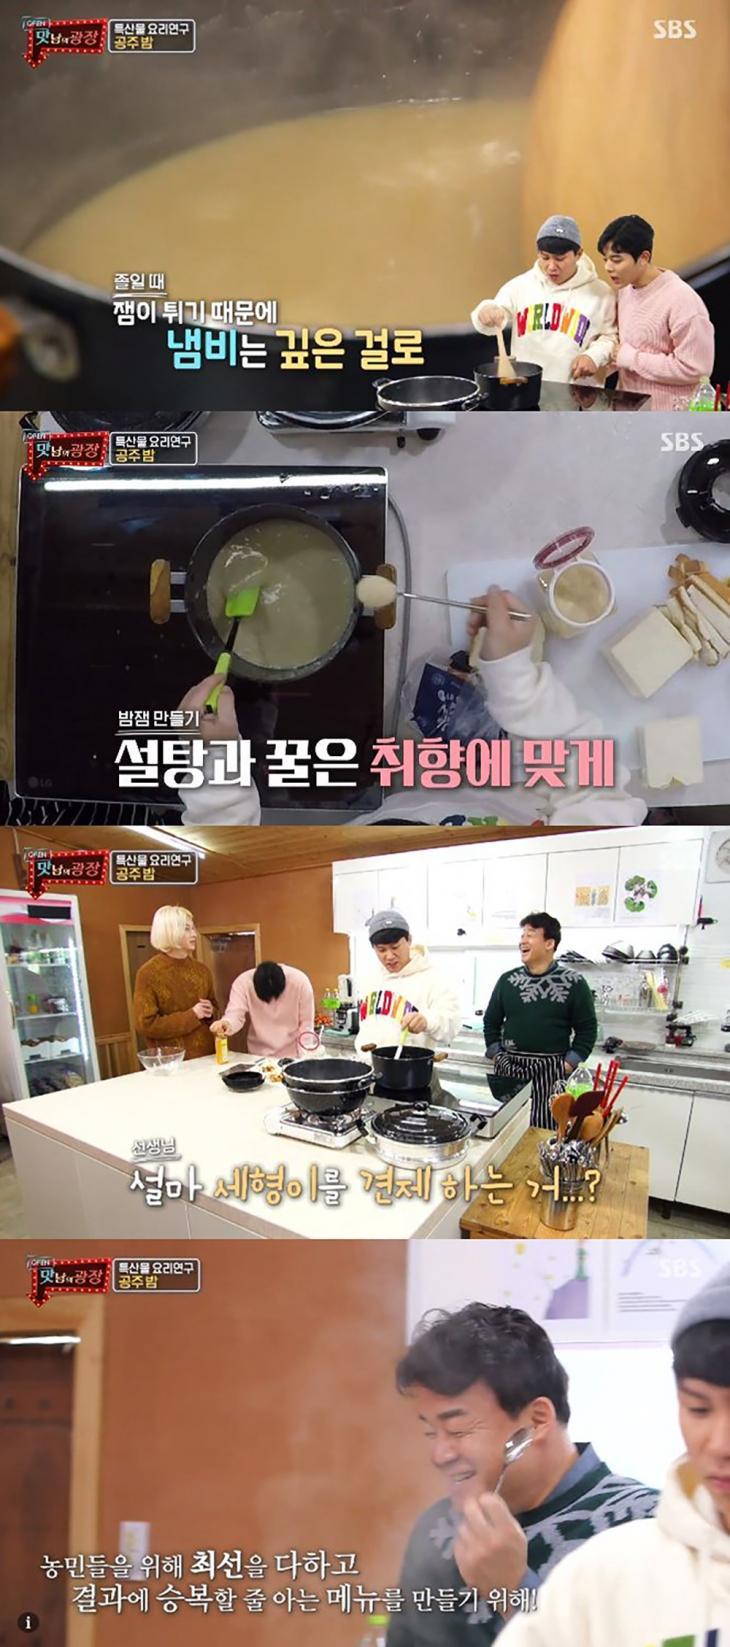 양세형 표 밤잼 레시피 / SBS '맛남의 광장' 방송캡처